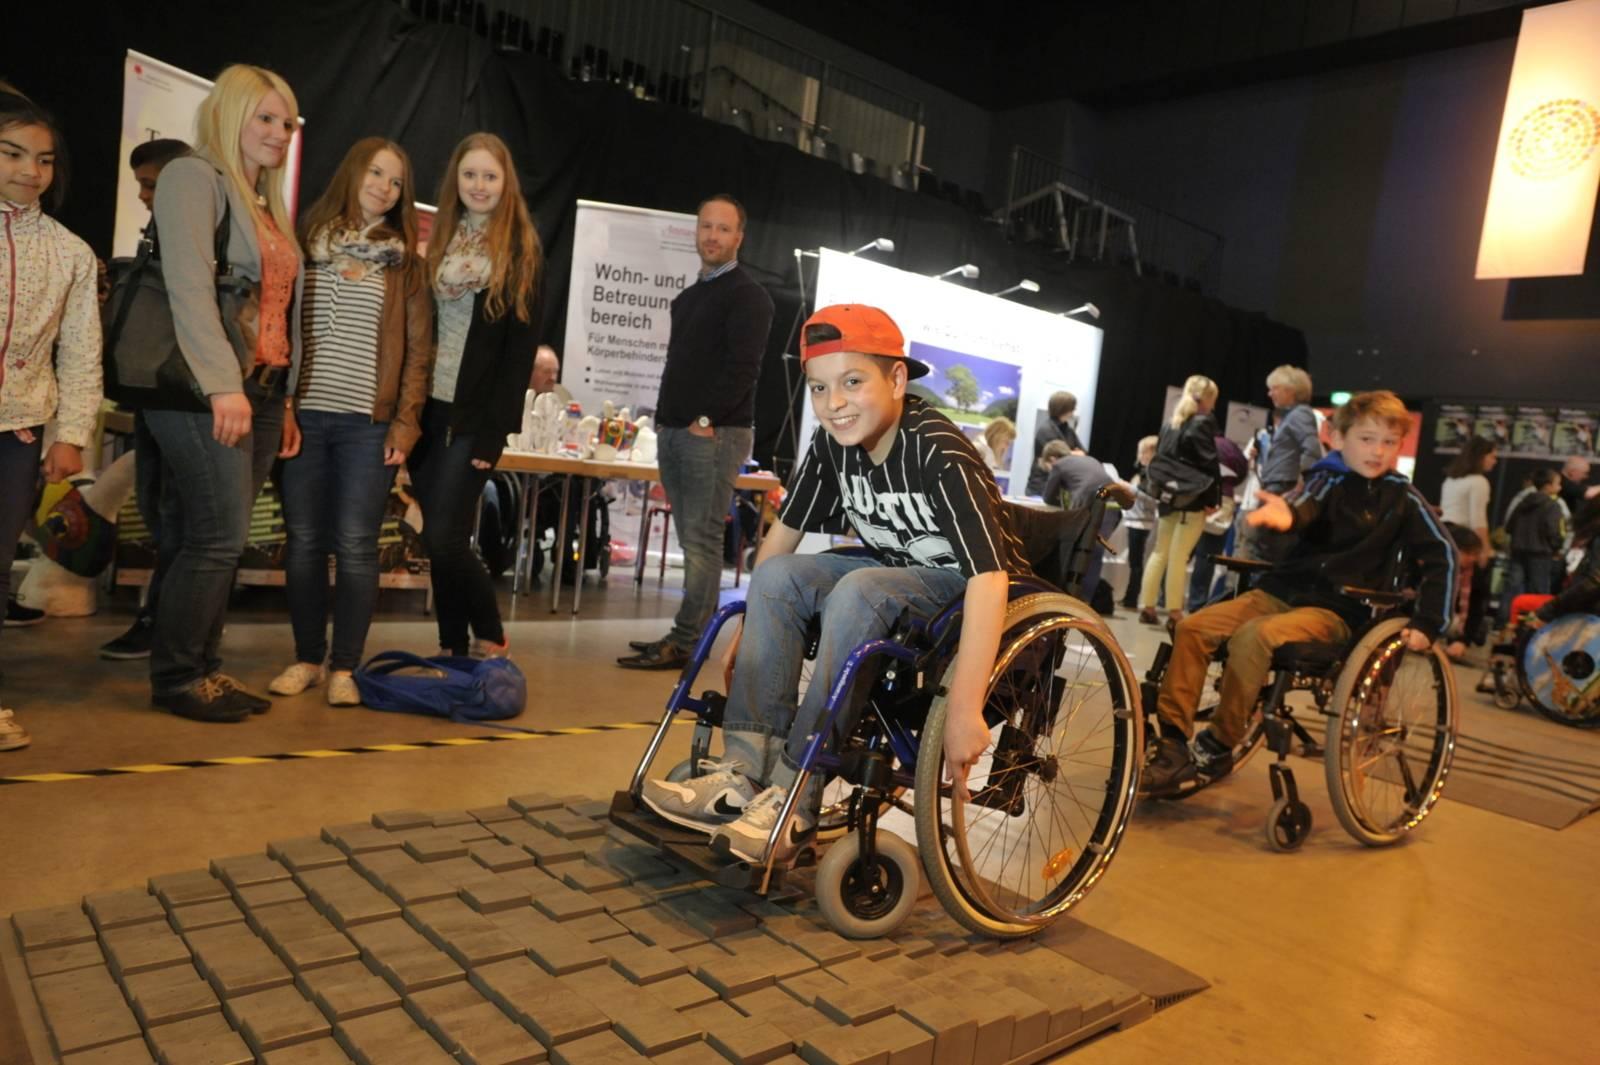 Ein Junge im Rollstuhl auf einem Hindernisparcours für Rollstühle